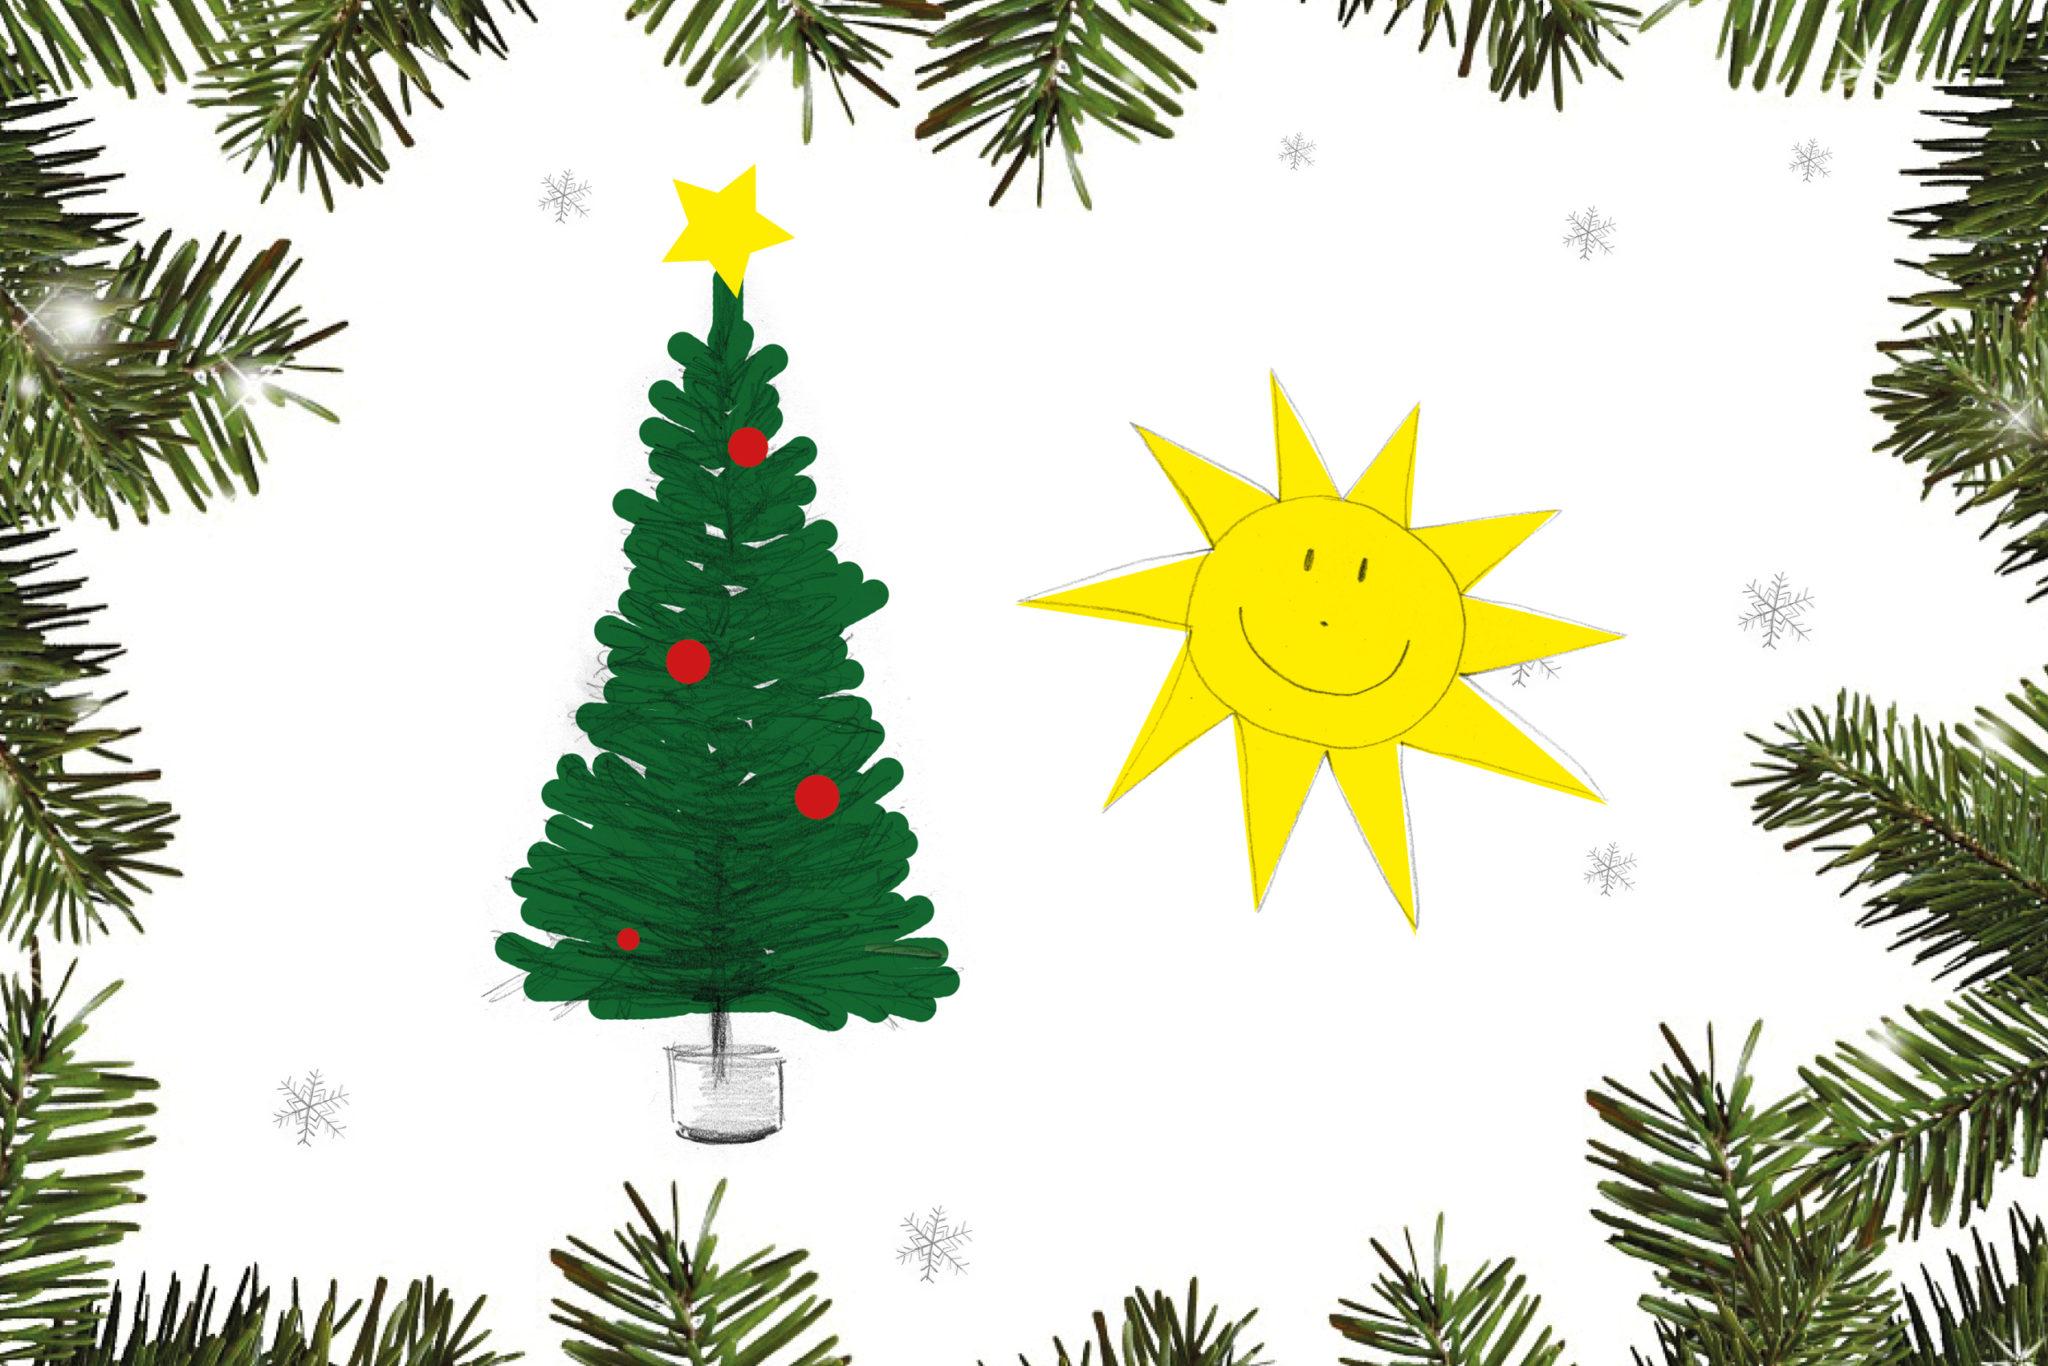 ideas4parents-weihnachten-reise-laender7